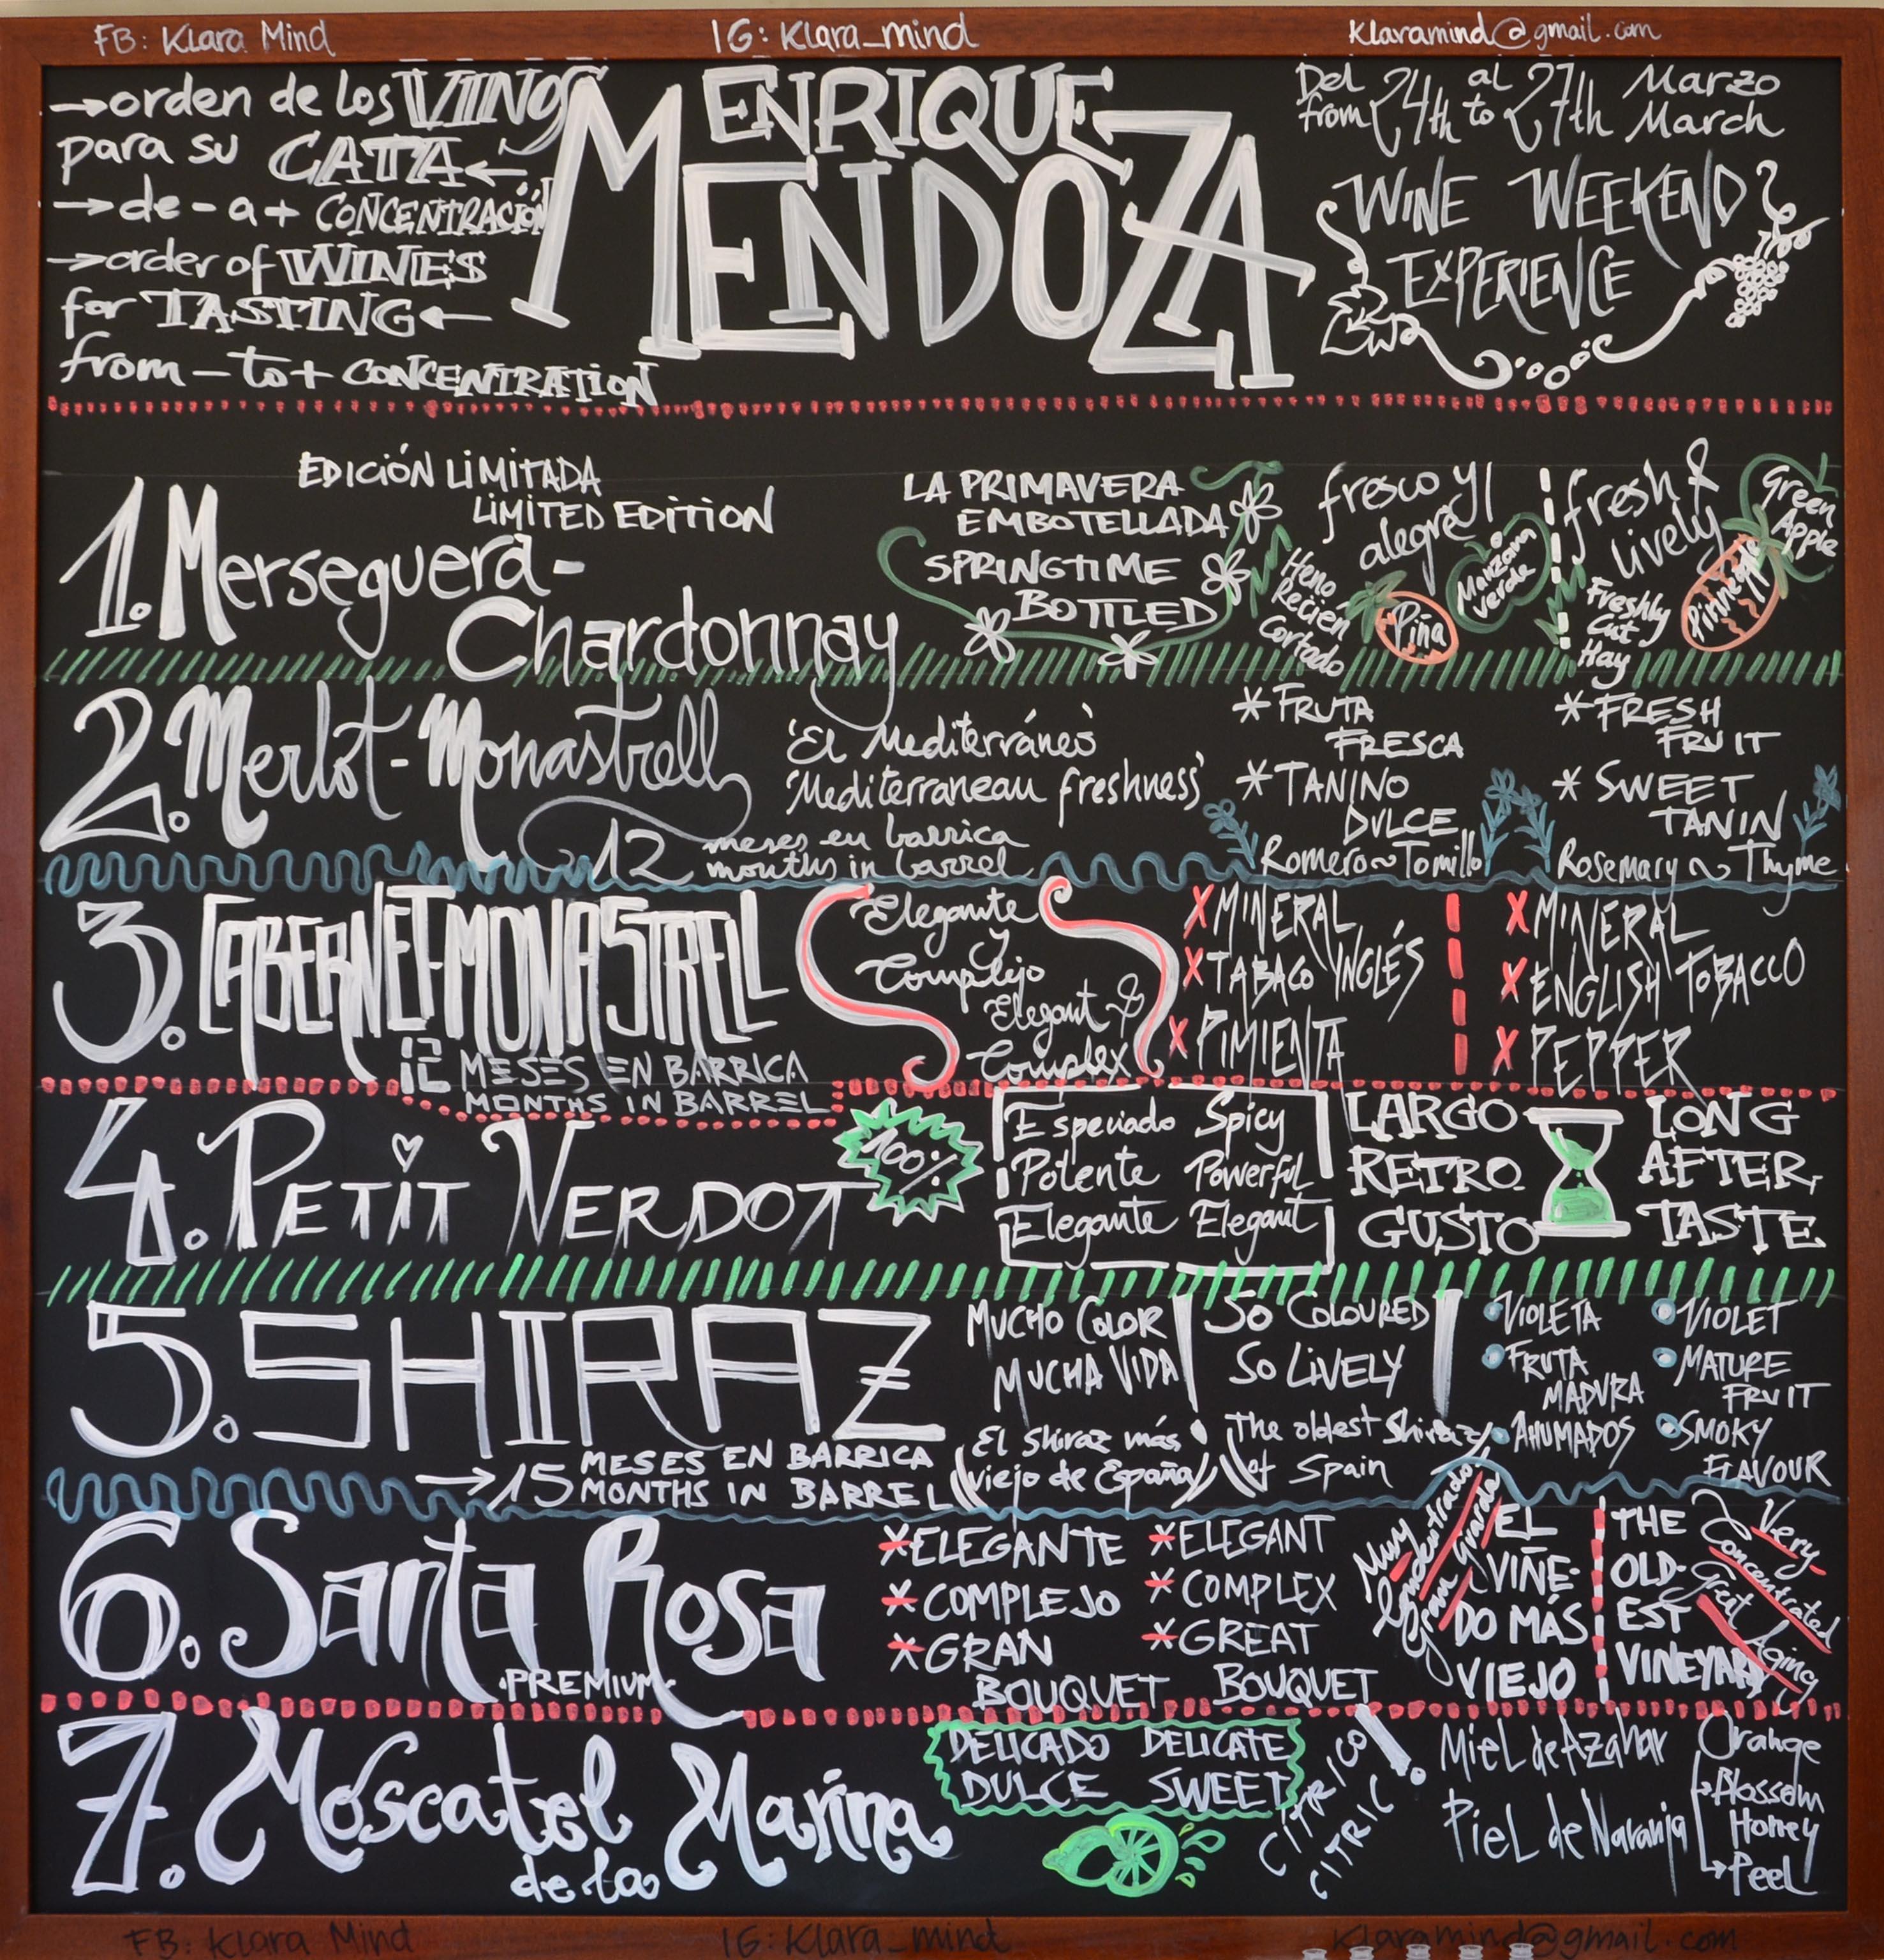 2-cartel-enoescapada-mendoza-2016